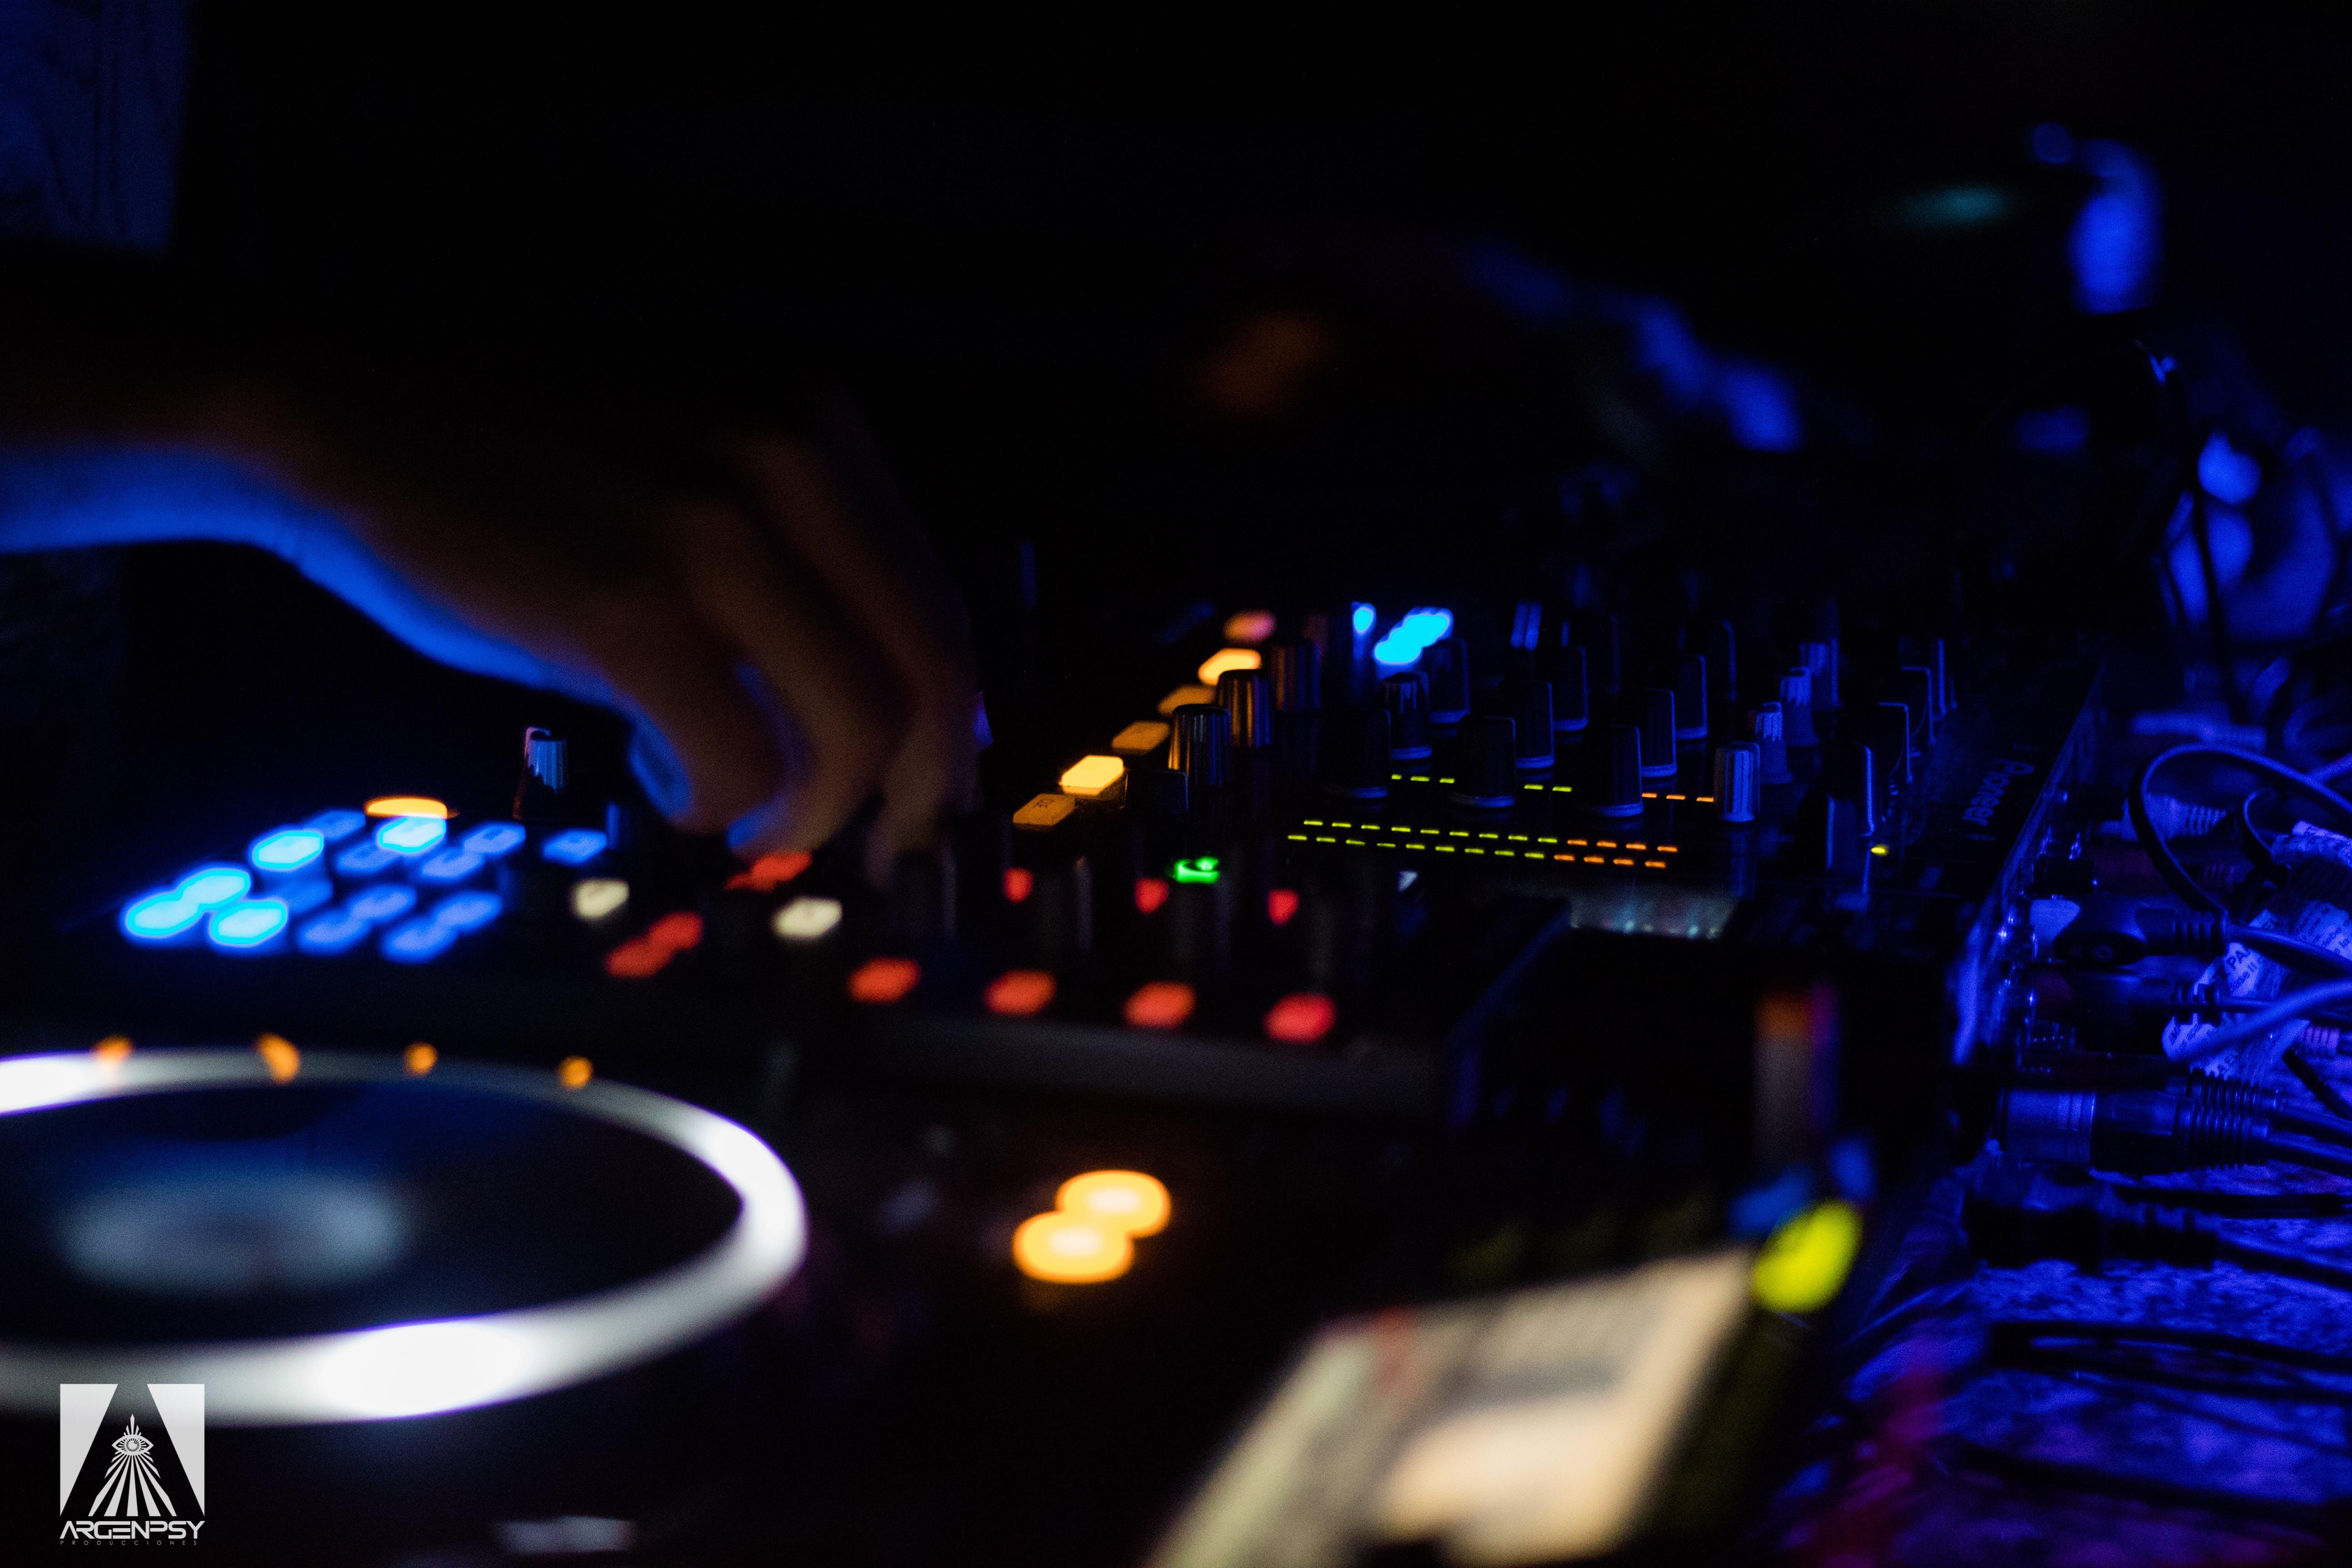 Gratis lagerfoto af DJ, DJ-mixerpult, knapper, pioner